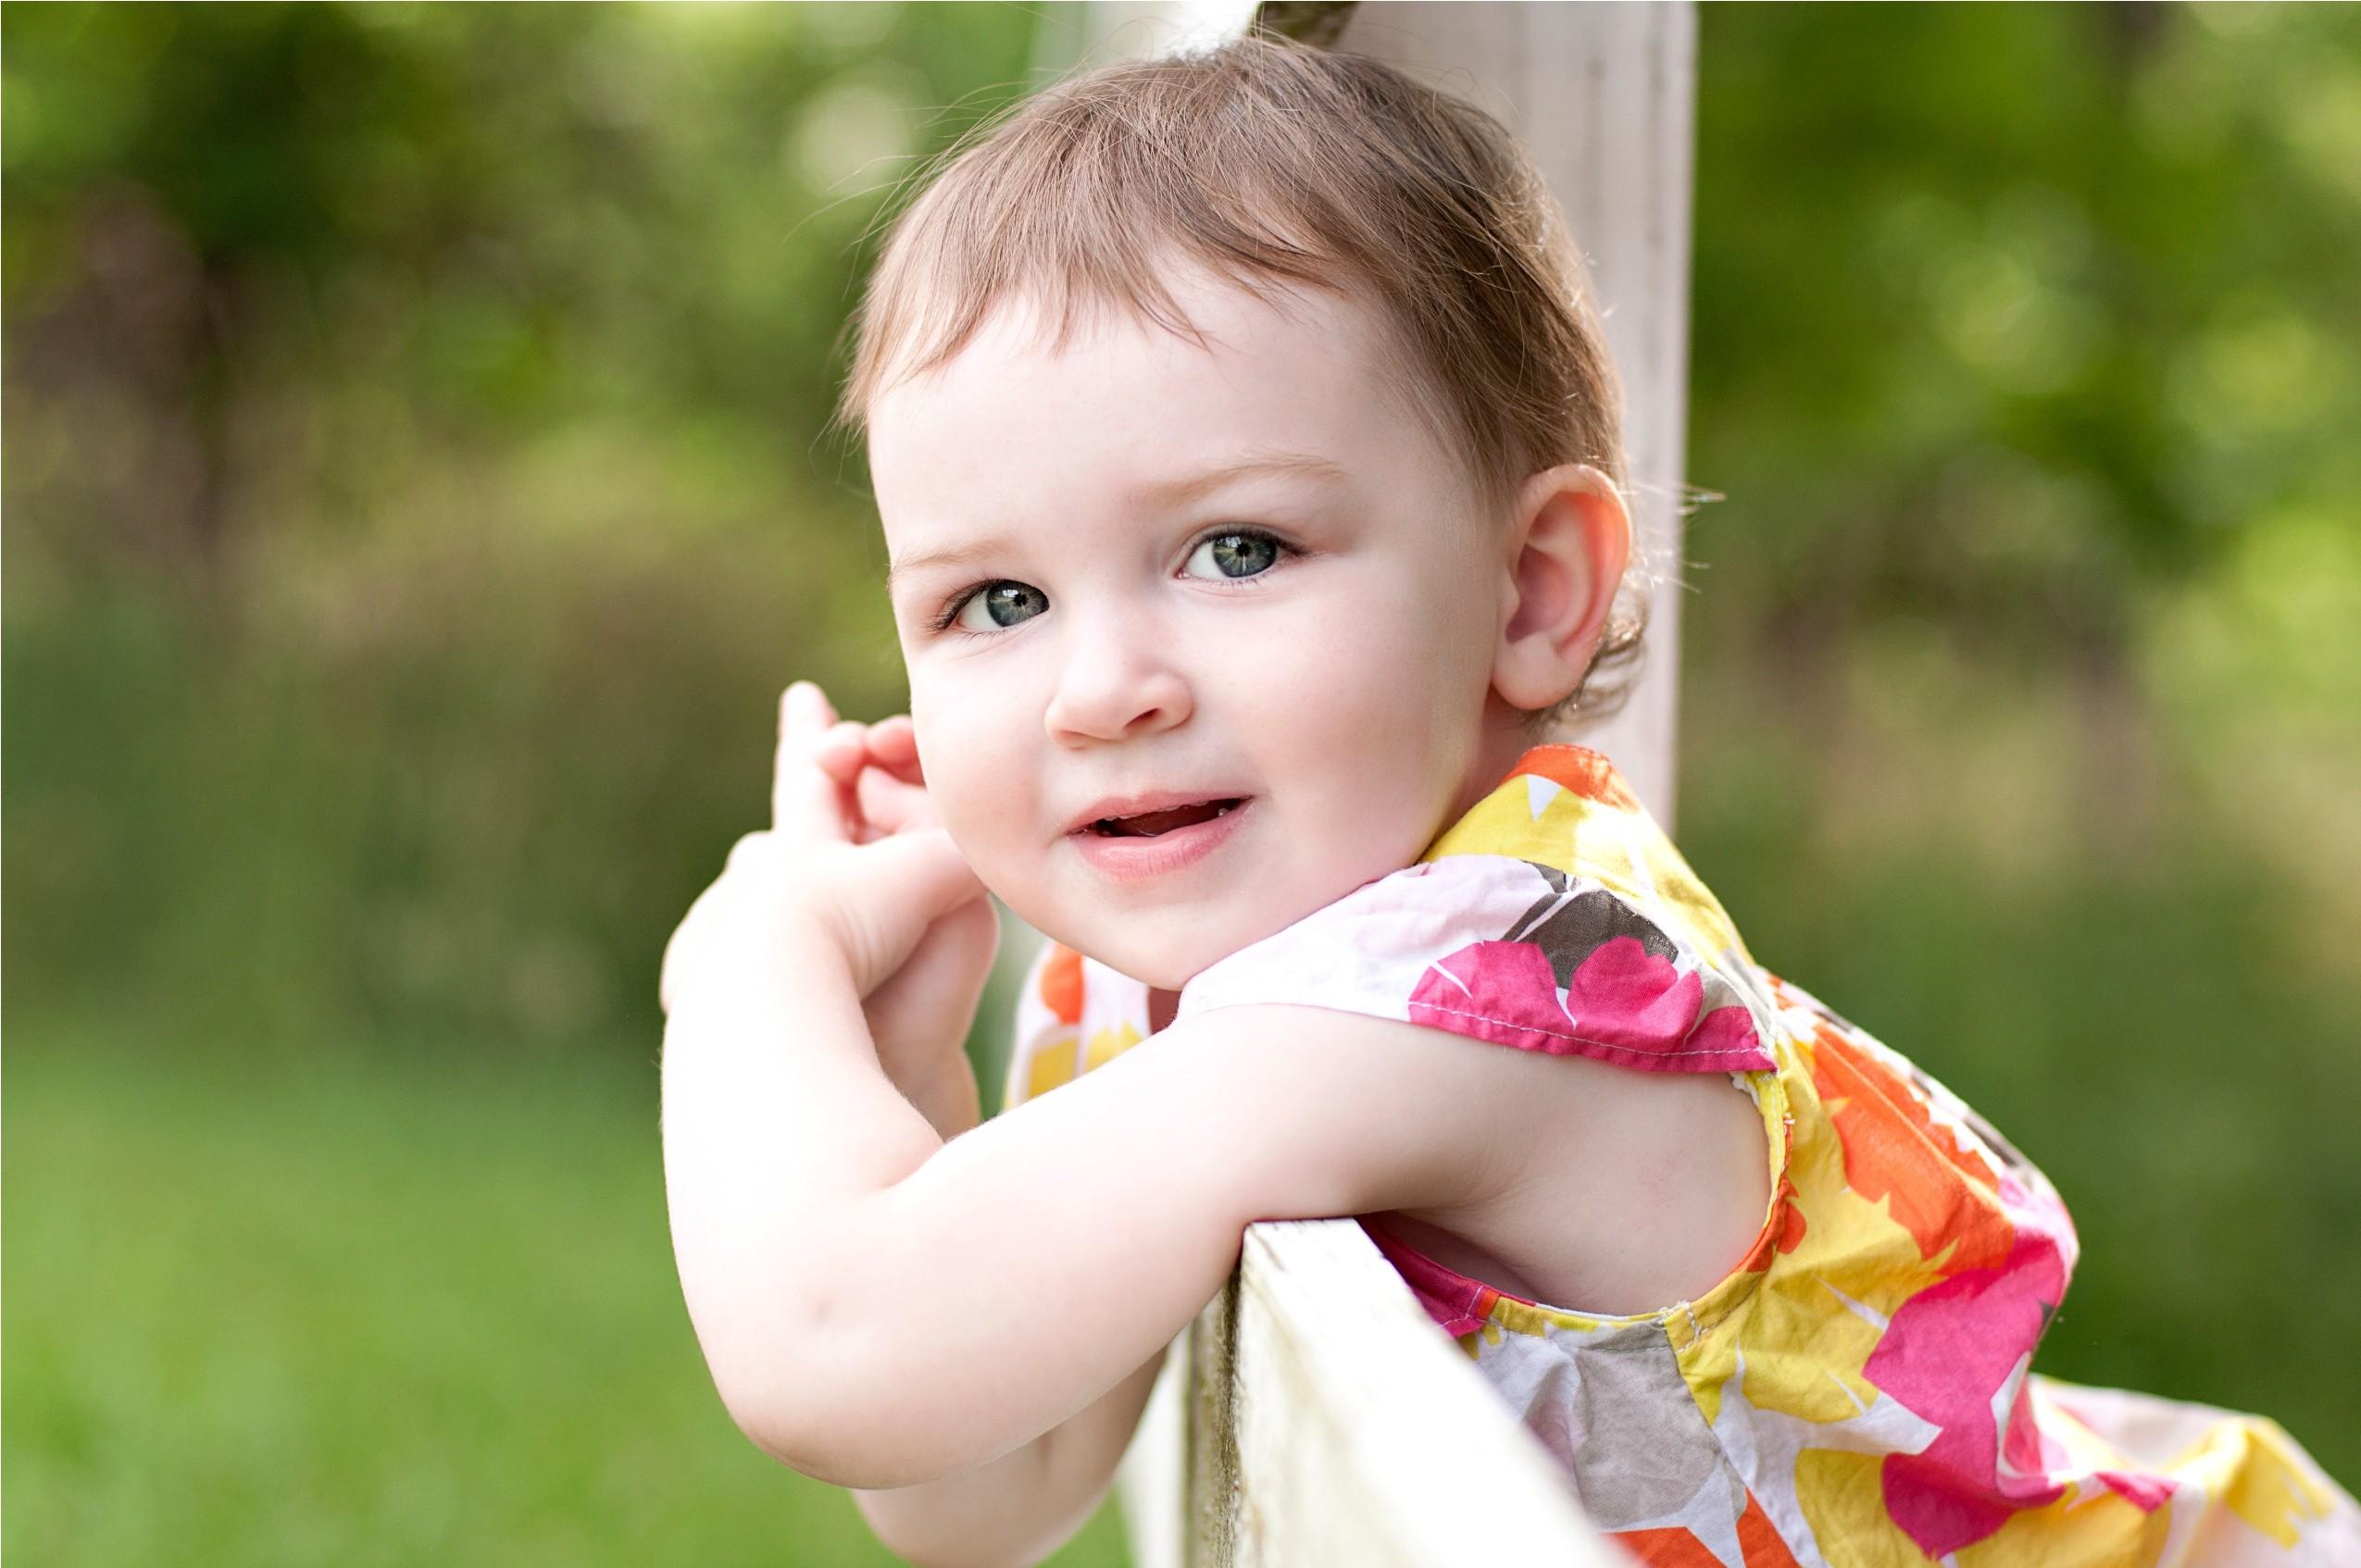 Beautiful Cute Baby (Boy & Girls) HD Wallpapers, Photos Free